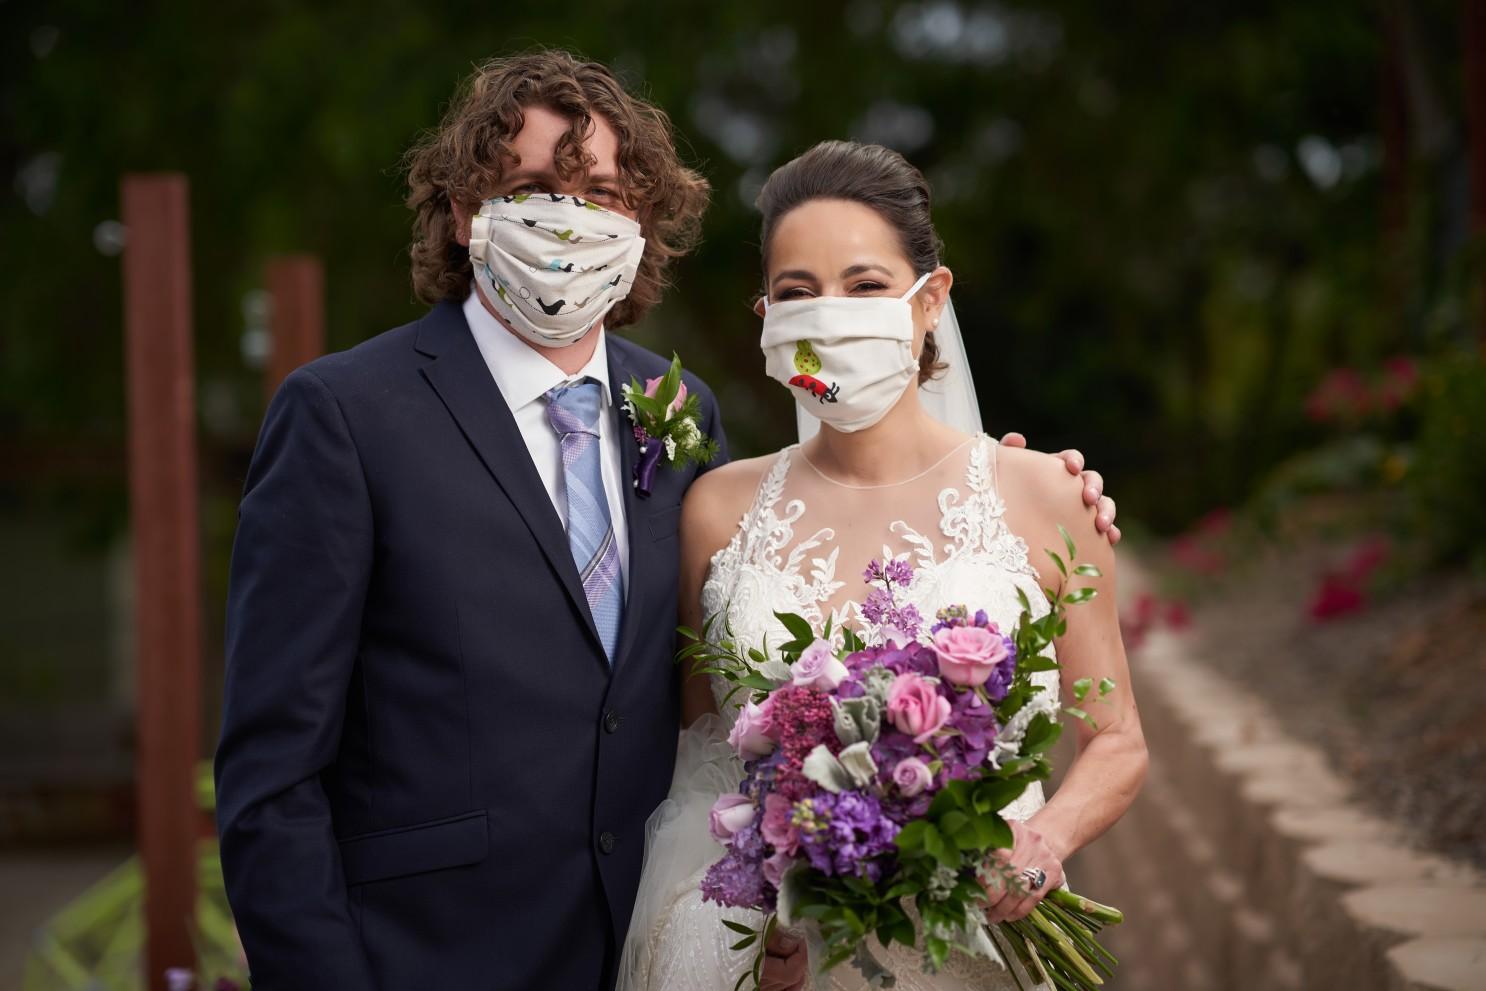 პიკის საათი - ქორწინება პანდემიის დროს